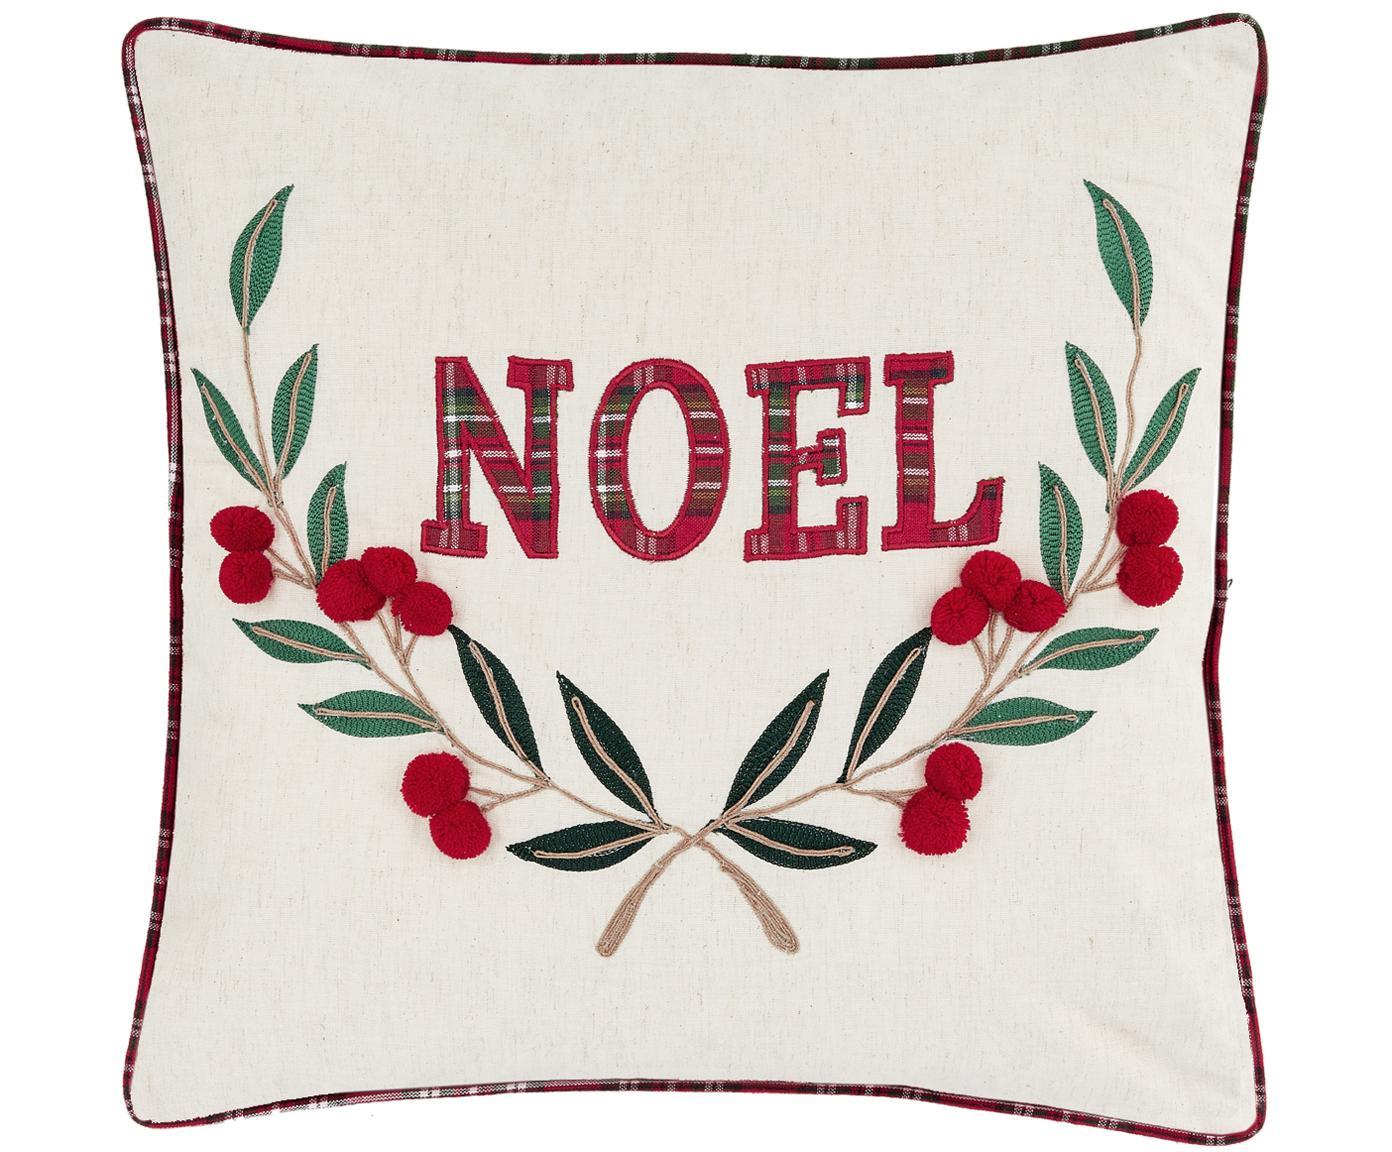 Poszewka na poduszkę Noel, 100% bawełna, Przód: kremowy, czerwony, zielony Tył: czerwony, S 45 x D 45 cm